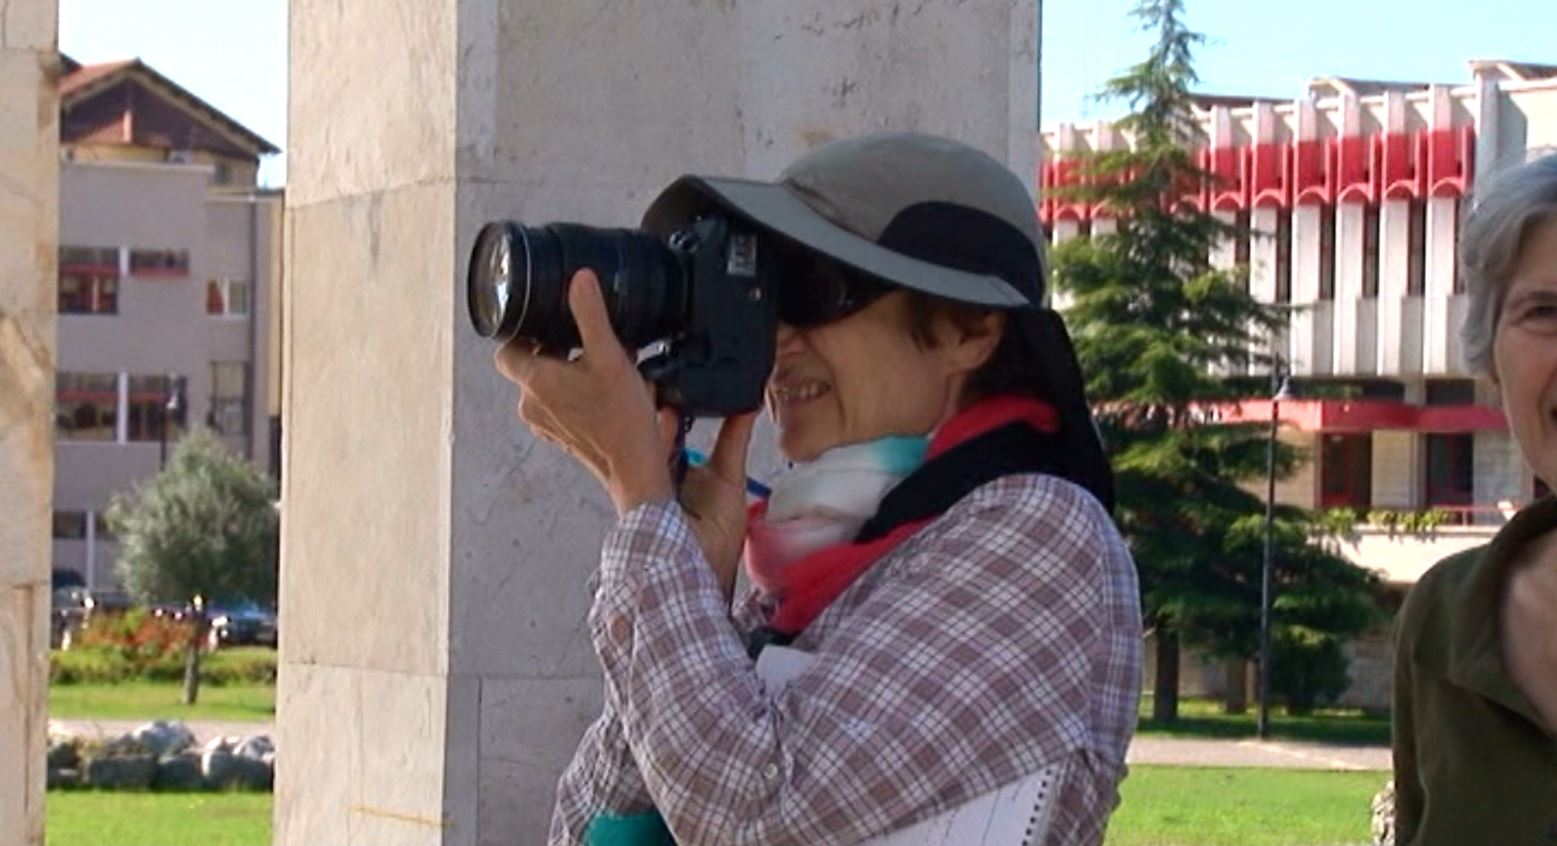 Në Lezhë nuk ekzistojnë udhërrëfyesit për turistët, asnjë guidë e çertifikuar